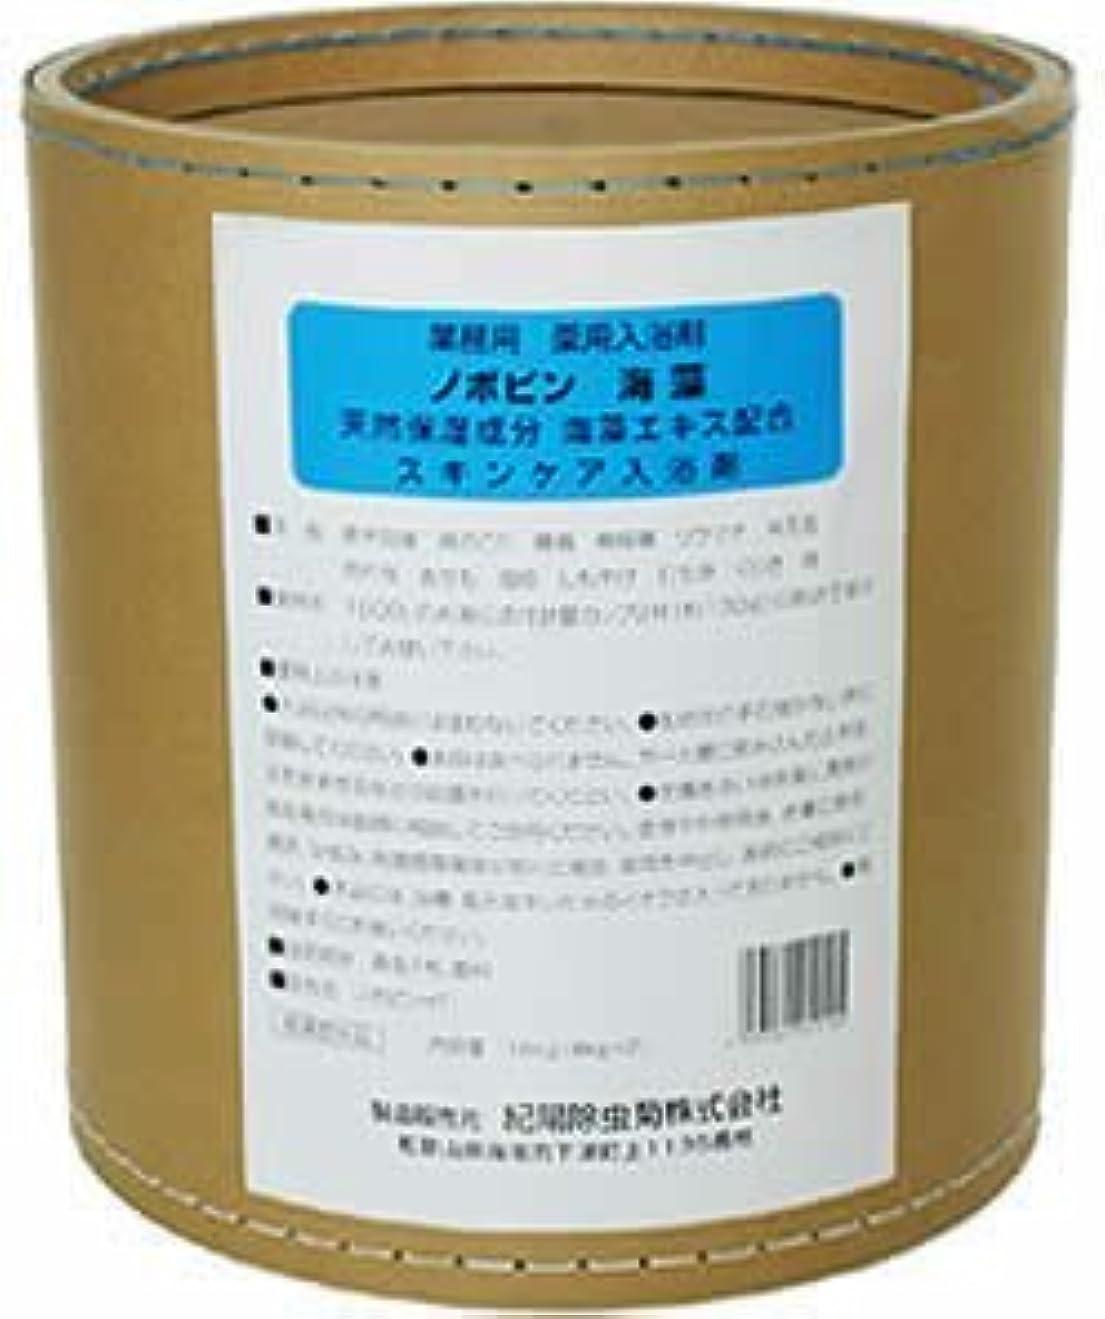 壁あそこ誇張する業務用 入浴剤 ノボピン 海藻 16kg(8kg*2)